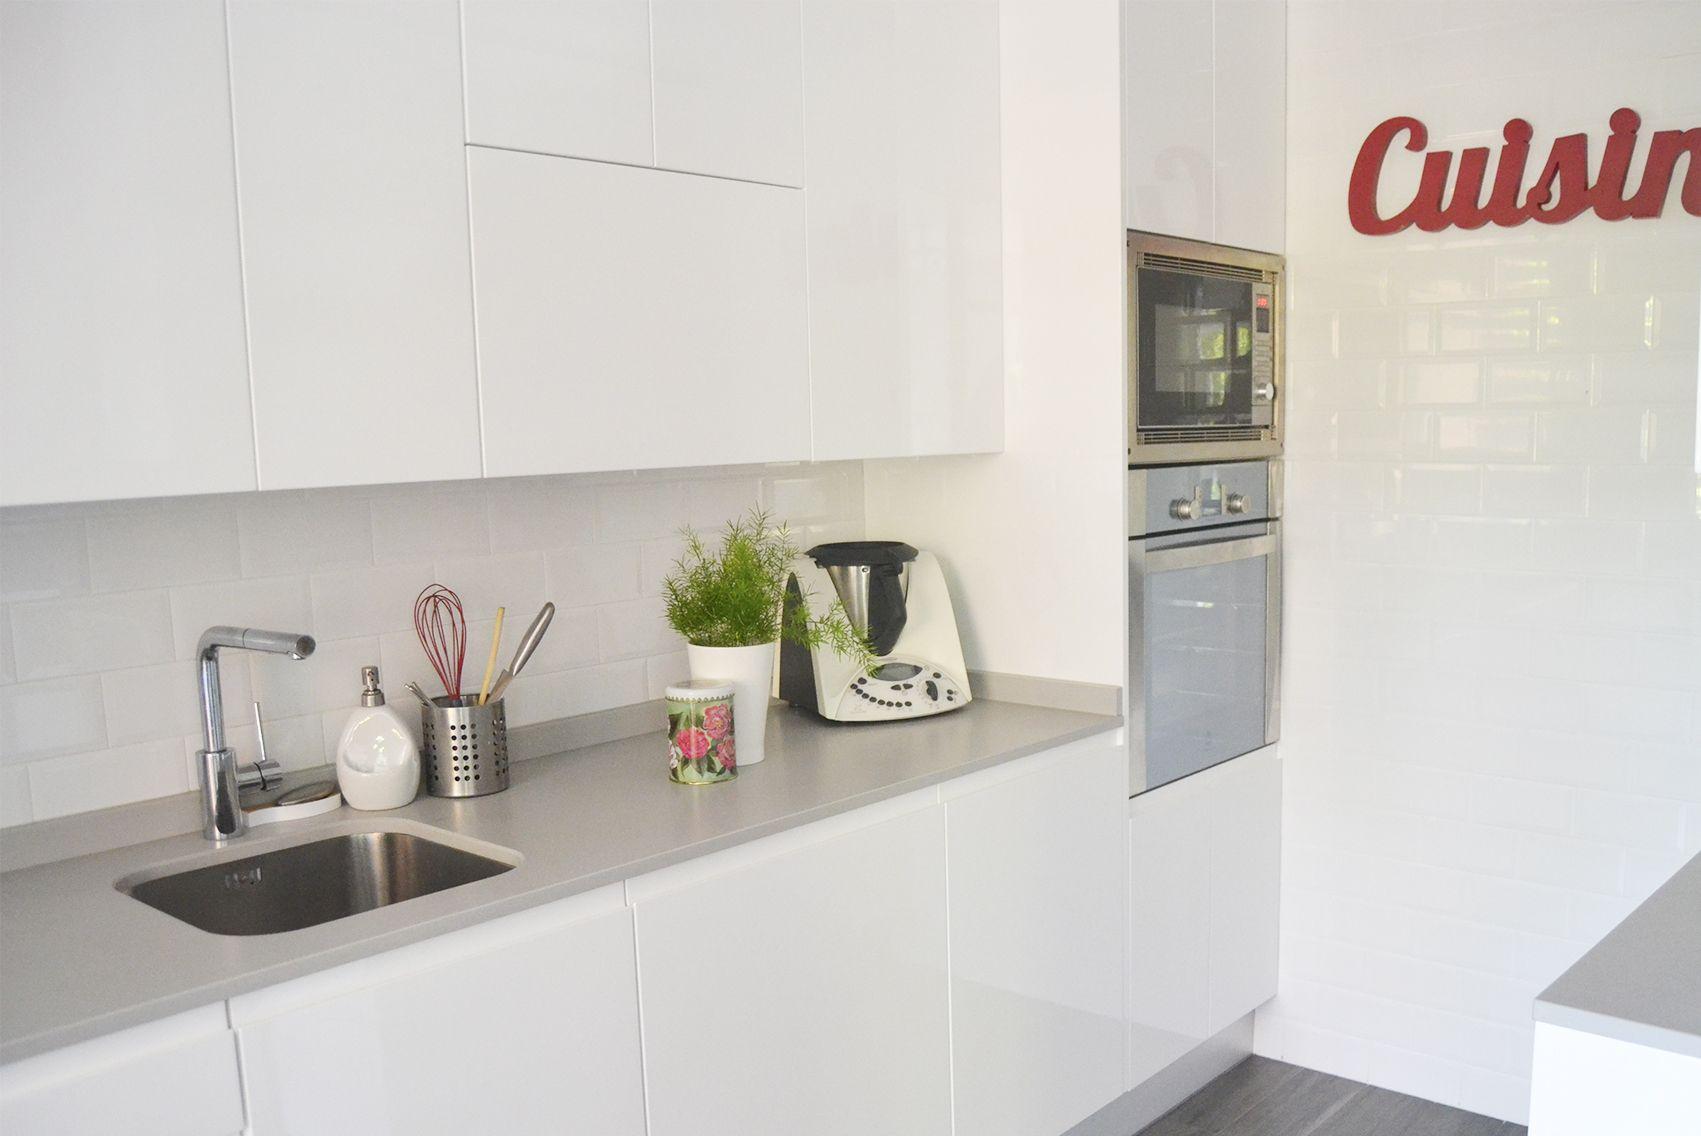 Proyecto de interiorismo en Madrid: Cocina y baño.